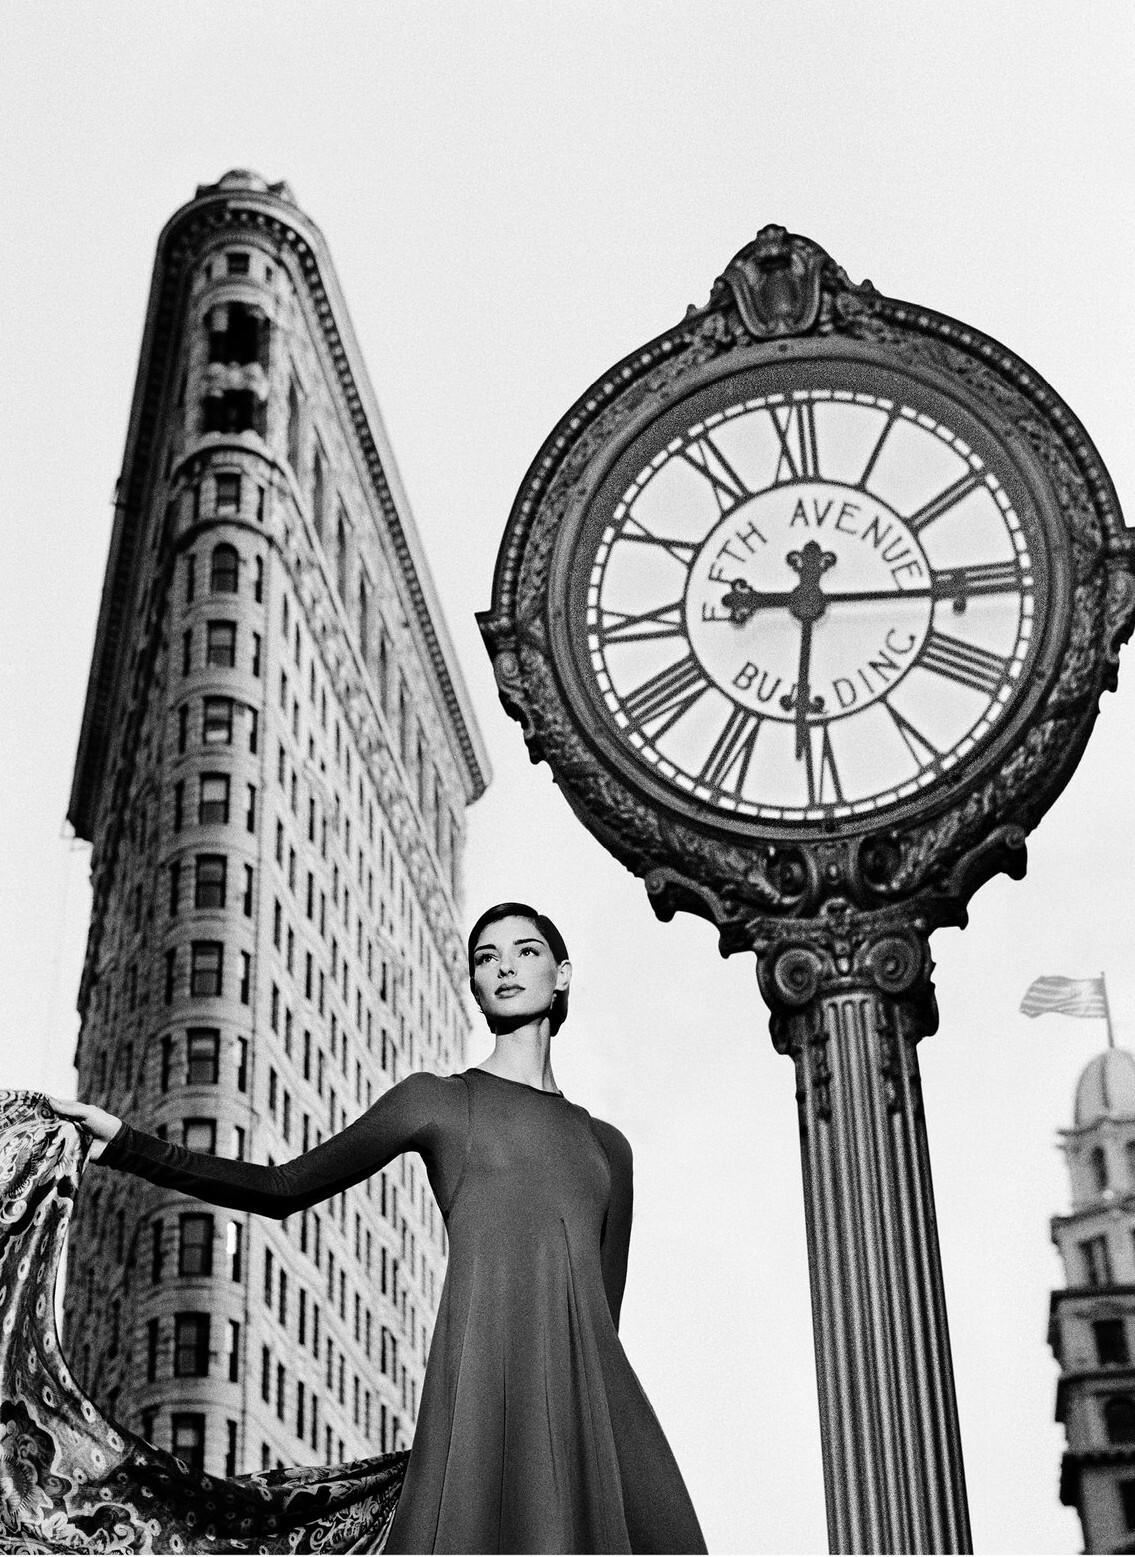 Аннализа Зойберт для Armani, Нью-Йорк, 1997. Фотограф Марко Главиано